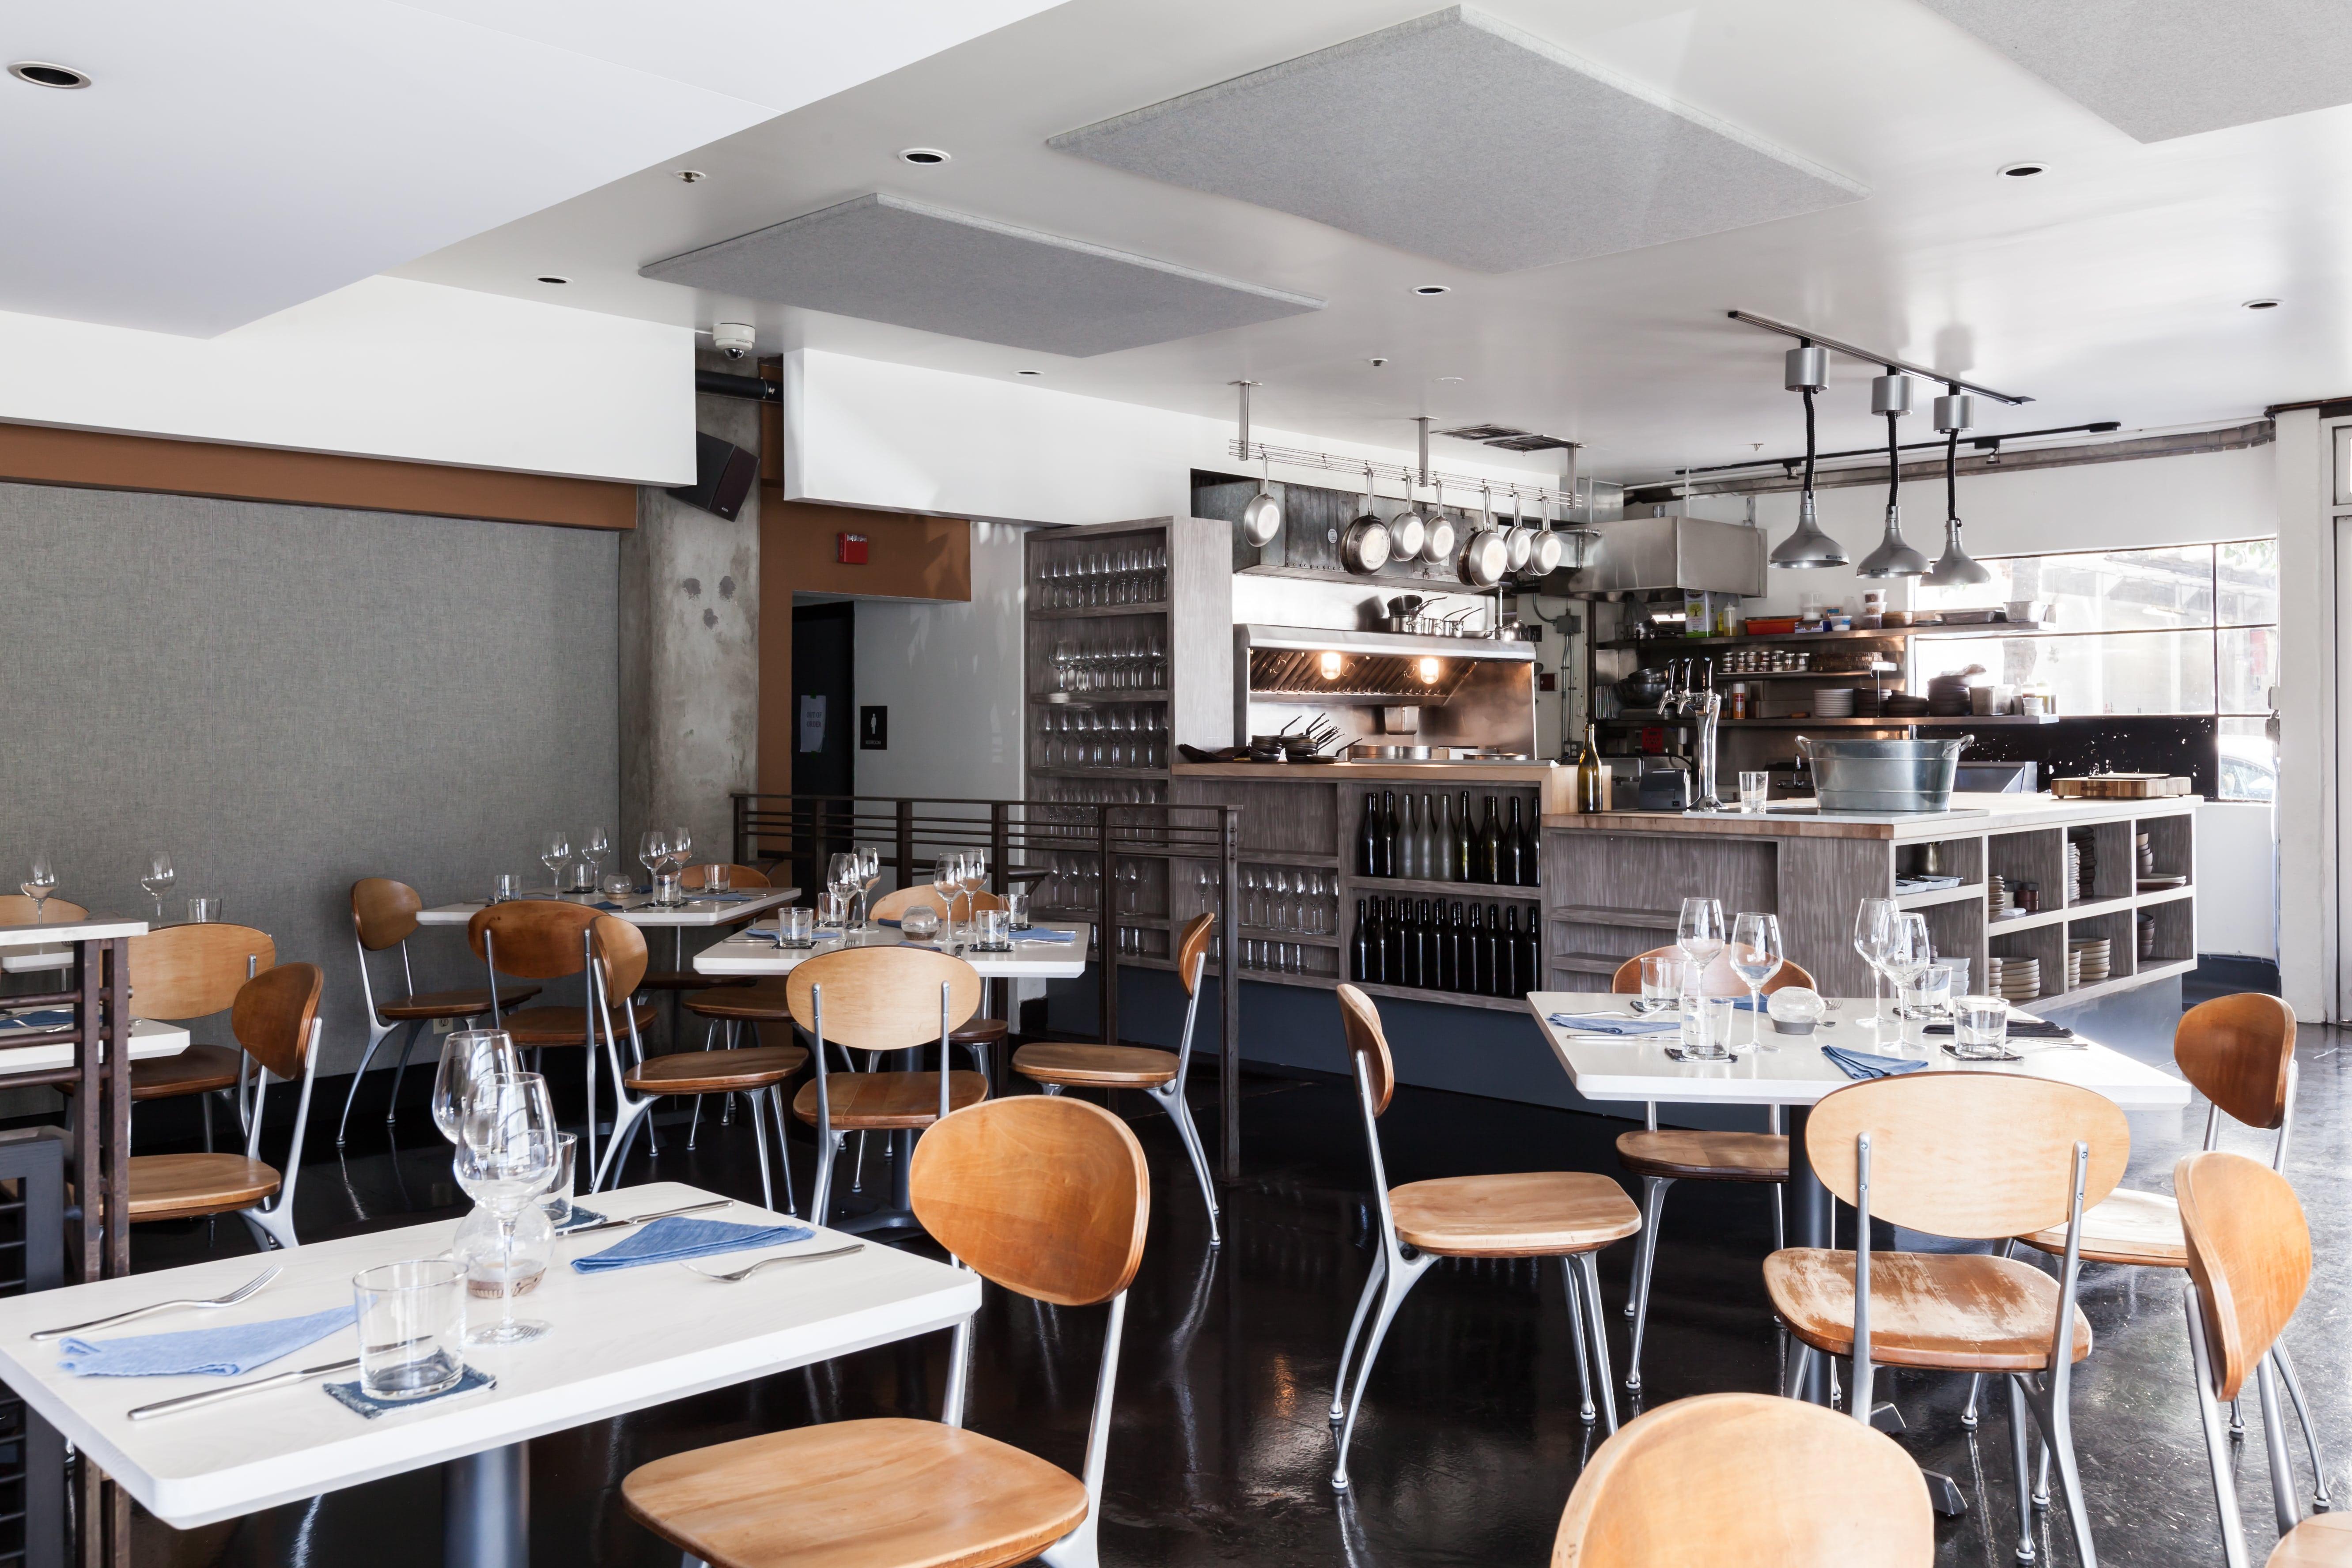 The Morris Restaurant